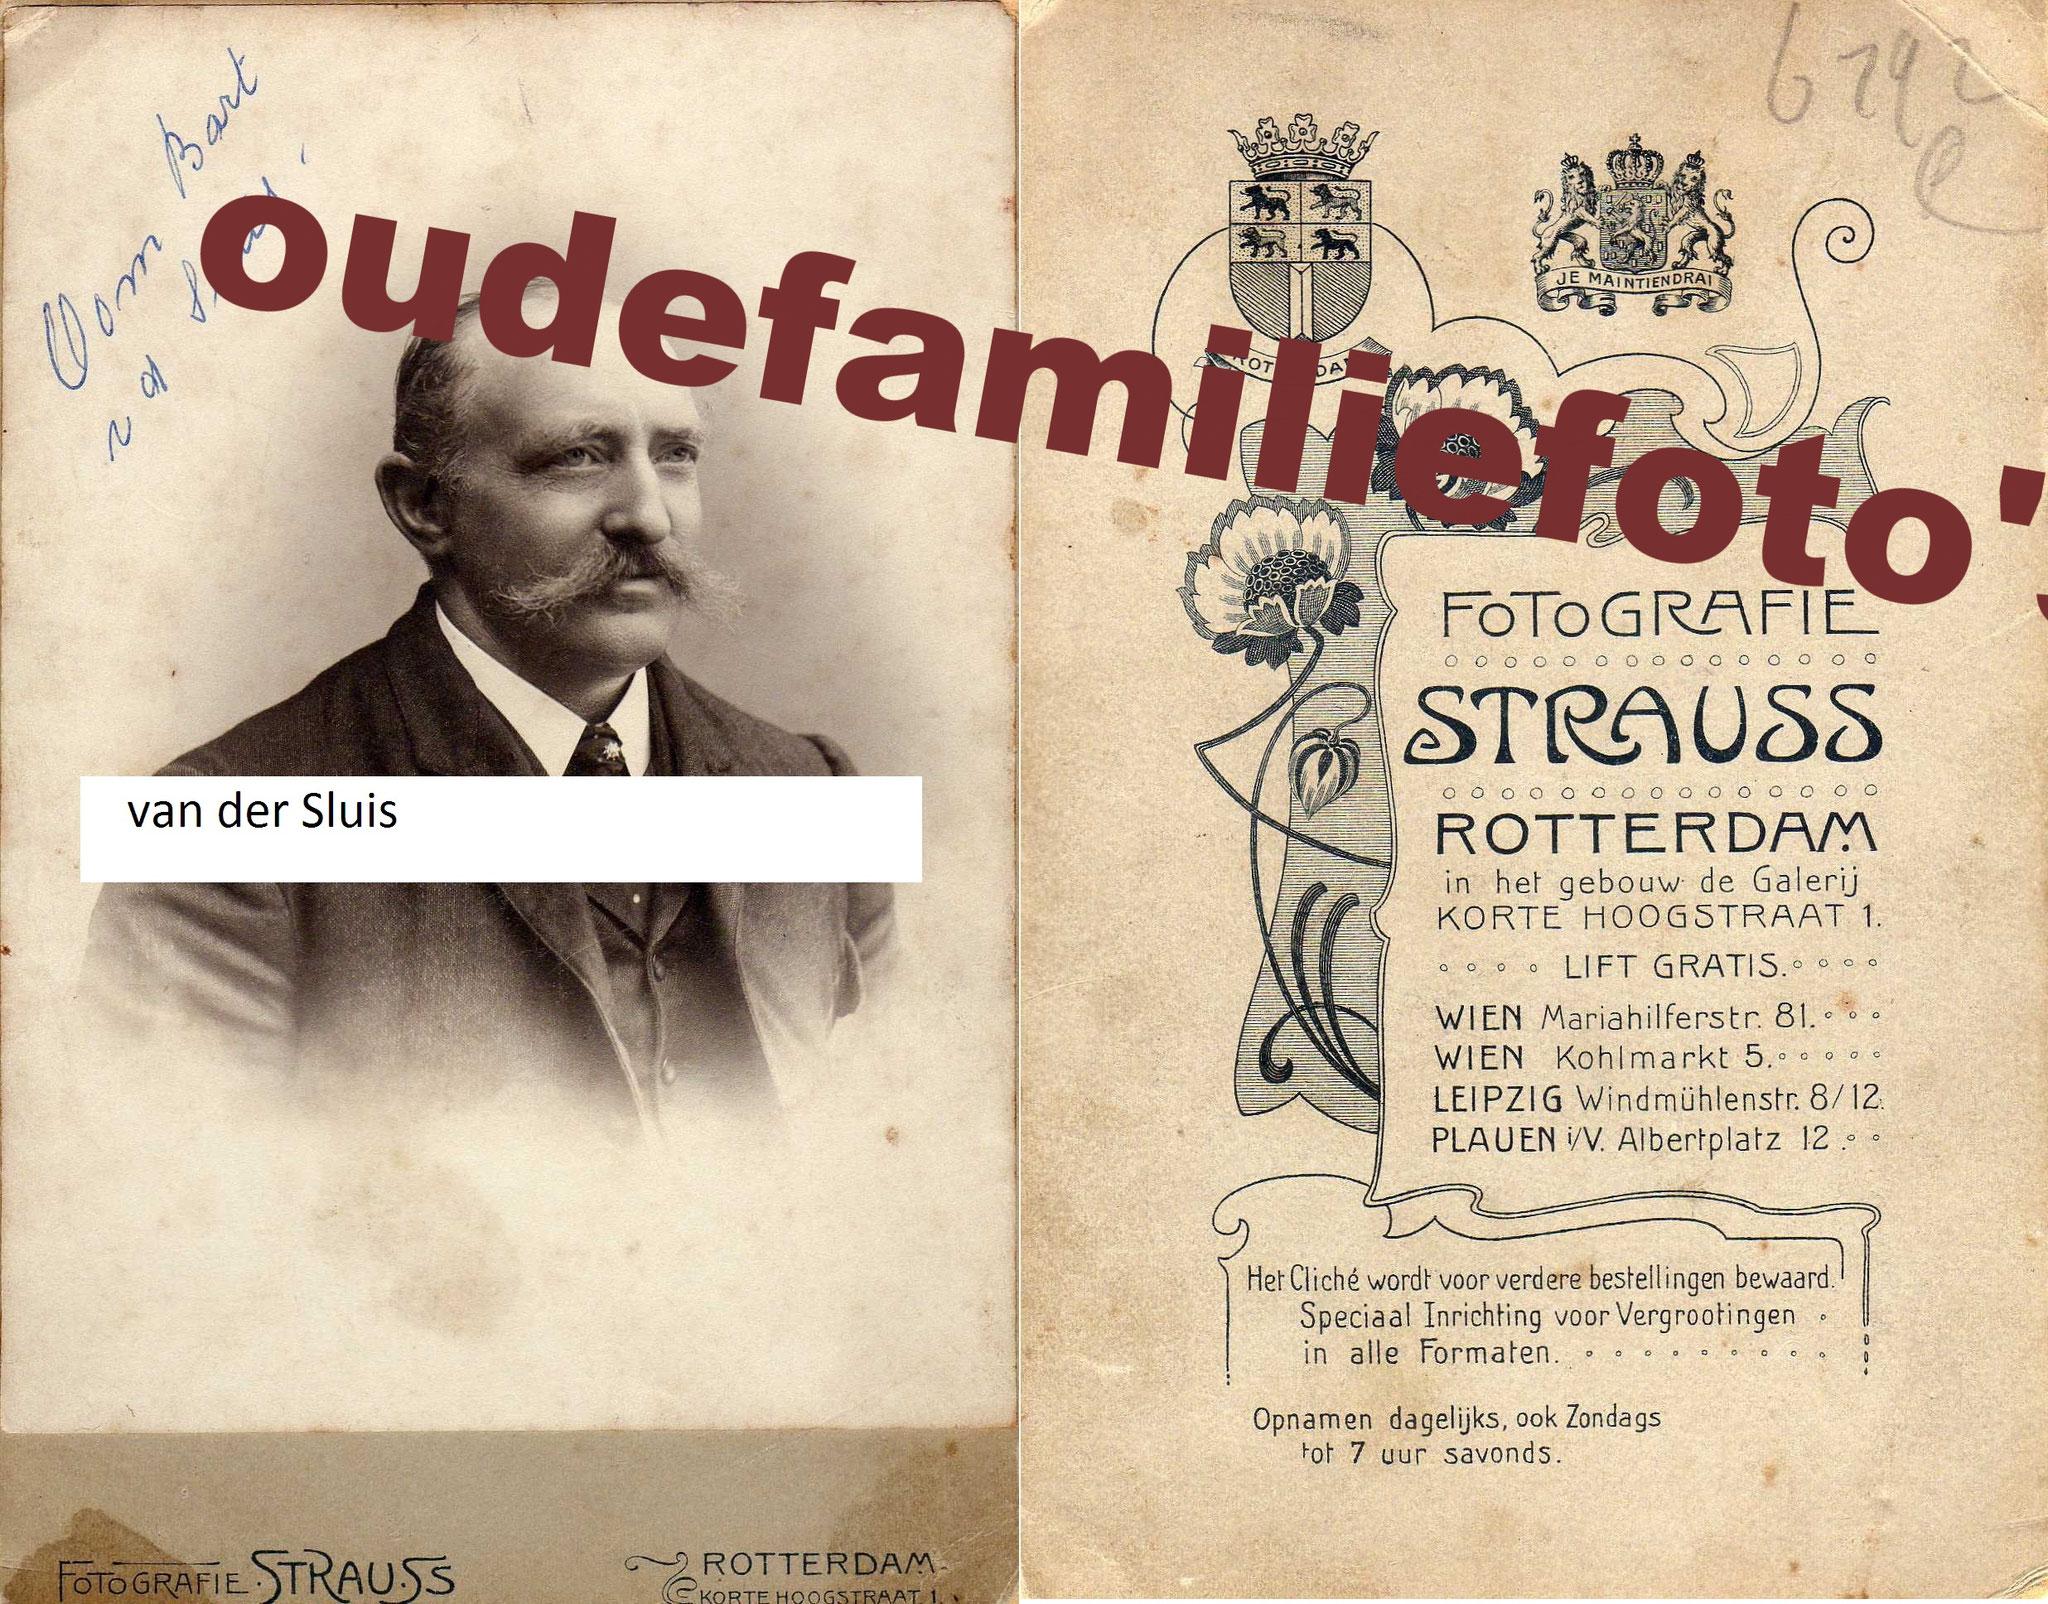 Sluis van der, Bart 99% geb. 8-11-1889 Ophemert. getrouwd met Belia Dolron. € 3,00